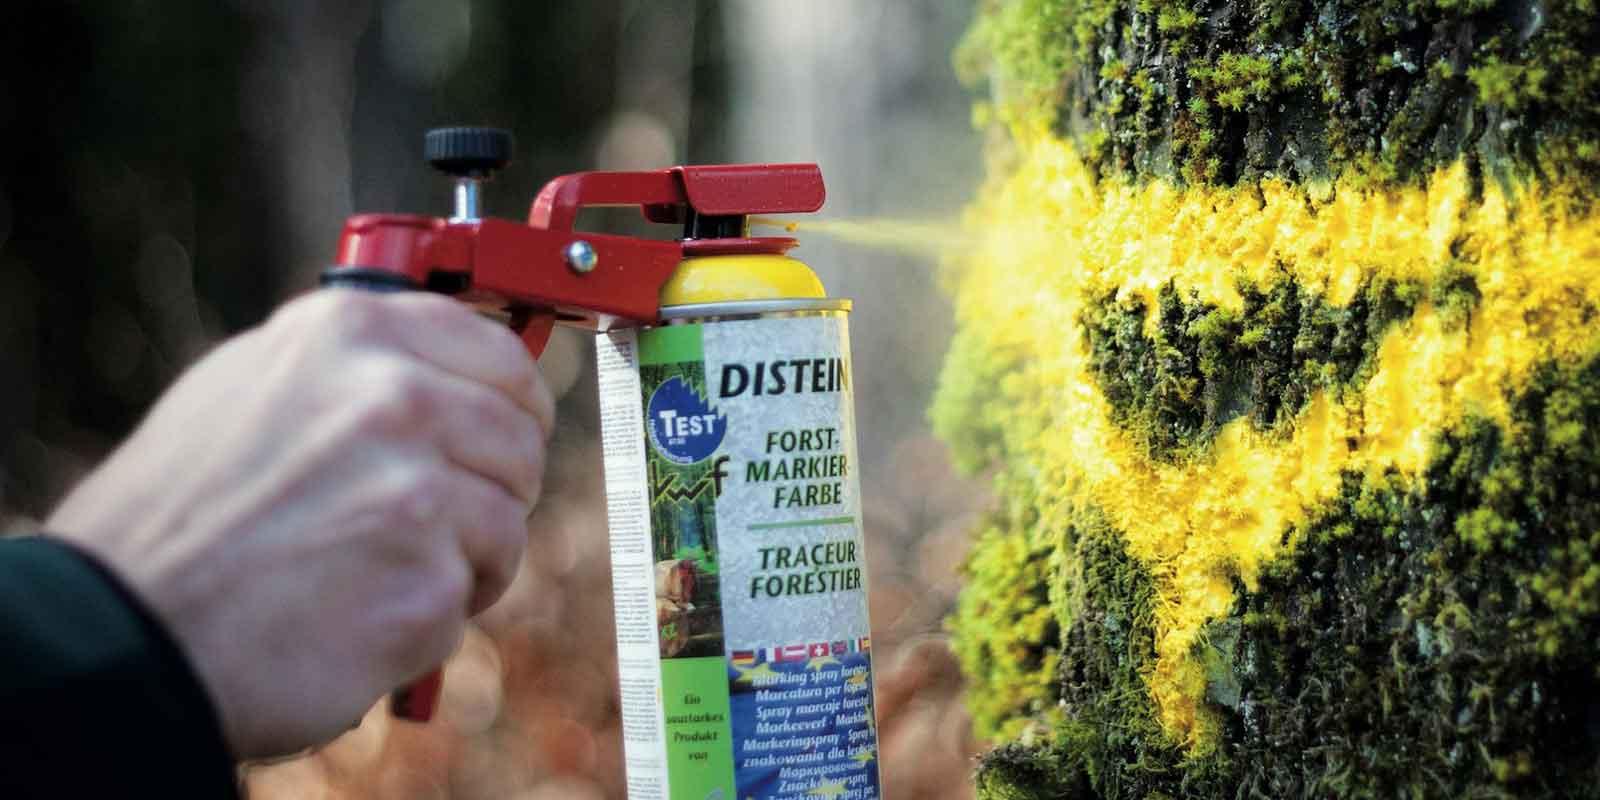 Farby w sprayu do znakowania drzew i drewna. Jak wybrać, jak stosować?